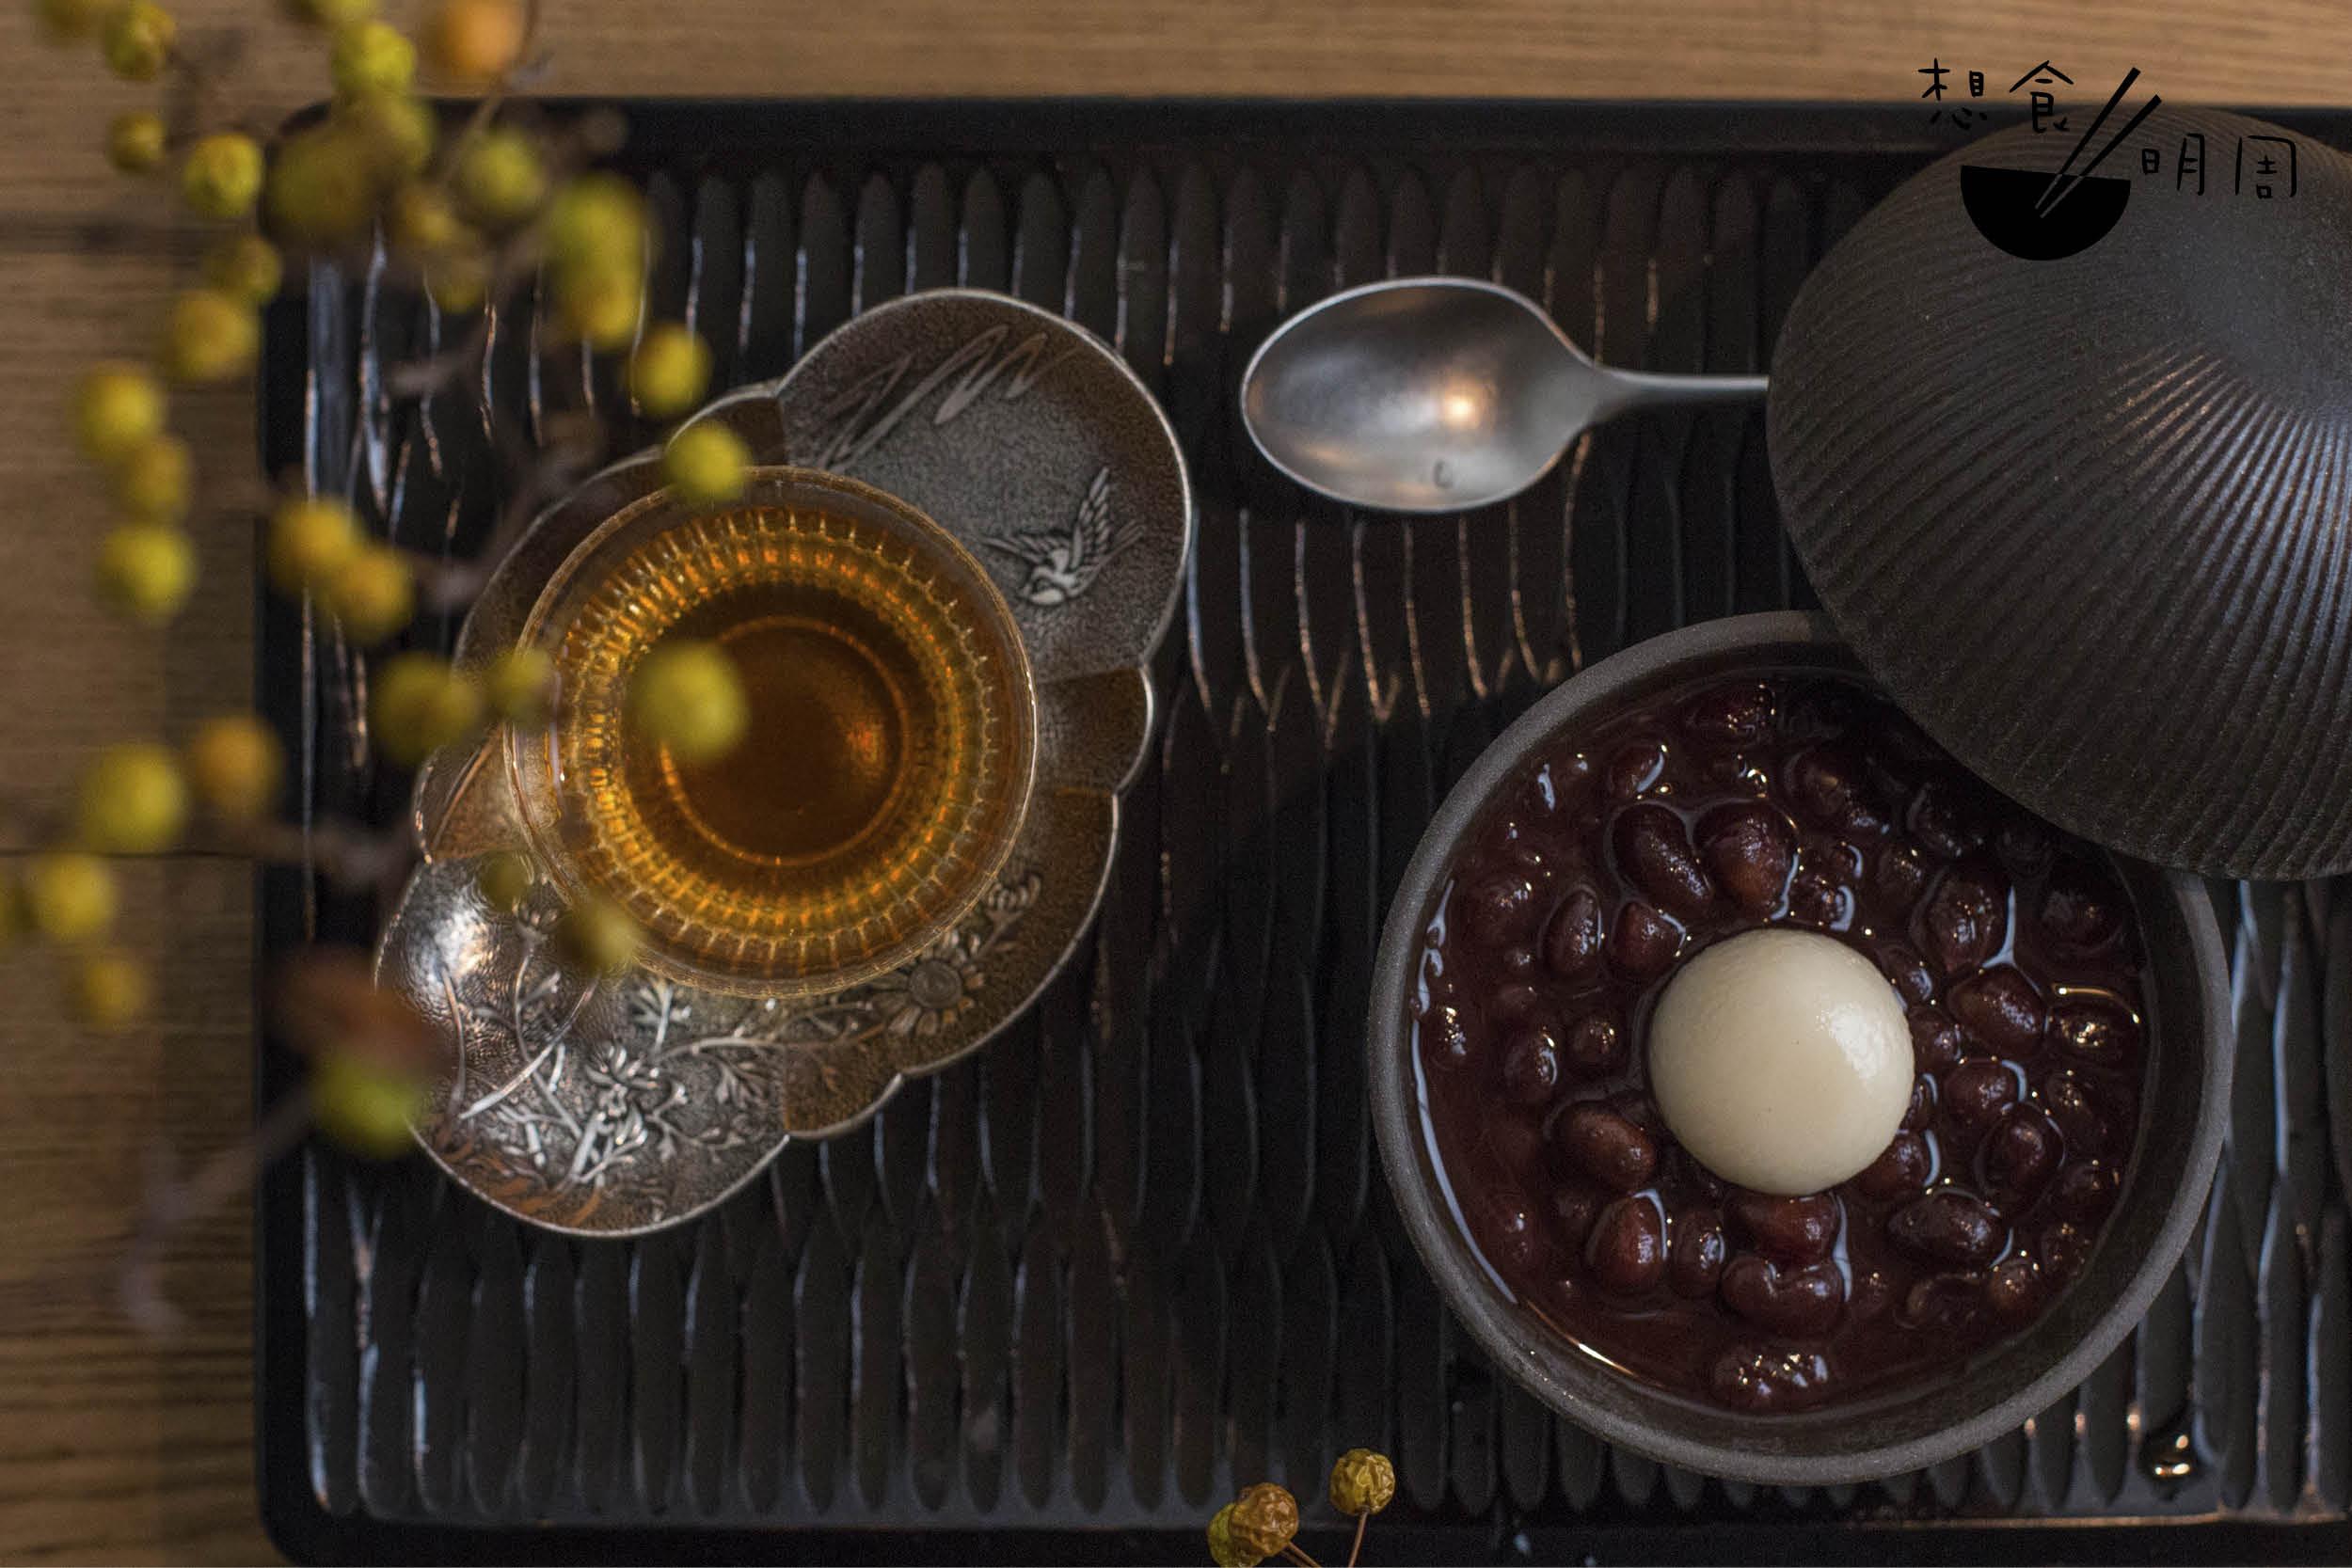 善哉 // 採用大納言紅豆,熬煮三小時而不煮爛,中間配有白玉。在象谷塗茶盤上尚有一小杯茶品,作為甜食後清洗味蕾之用。($60)